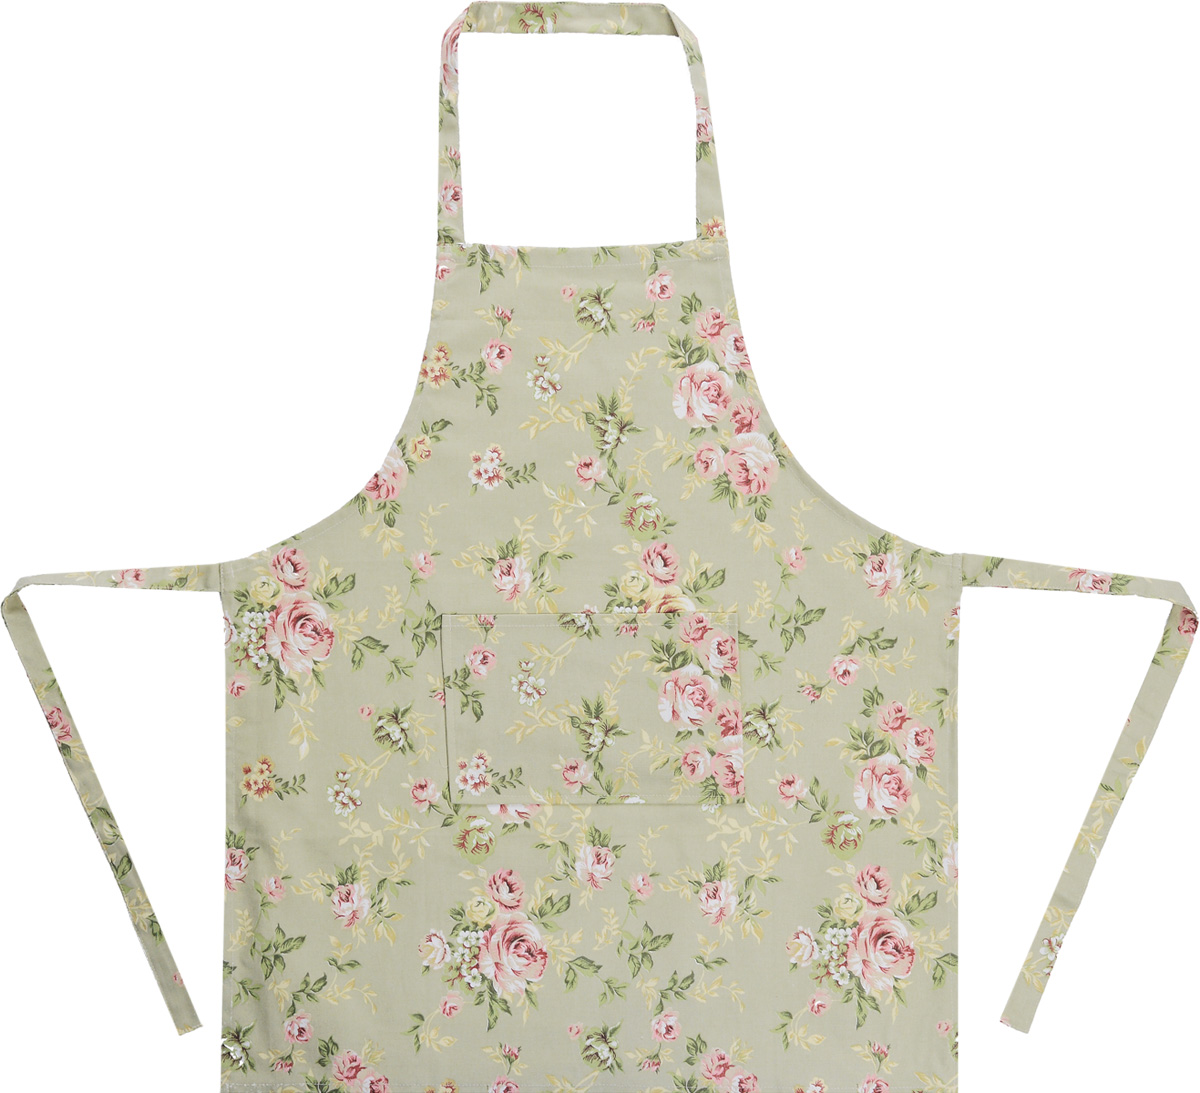 Фартук Bonita Английская коллекция, цвет: зеленый, 65 х 75 см14010816750Фартук Bonita изготовлен из натурального хлопка с красивыми цветочнымиузорами. Фартук оснащен завязками и передним карманом. Имеет универсальныйразмер.Фартук поможет вам избежать попадания еды на одежду во времяприготовления пищи.Кухня - это сердце дома, где вся семья собирается вместе. Она бережно хранит иподдерживает жизнь домашнего очага, который нас согревает. Именно поэтомутак важно создать здесь атмосферу, которая не только возбудит аппетит, но инаполнит жизненной энергией.С текстилем Bonita открывается возможность не только каждый день даритькухне новый облик, но и создавать настоящие кулинарные шедевры. Bonitaстанет незаменимым помощником и идейным вдохновителем, создающим вкусноенастроение на вашей кухне.